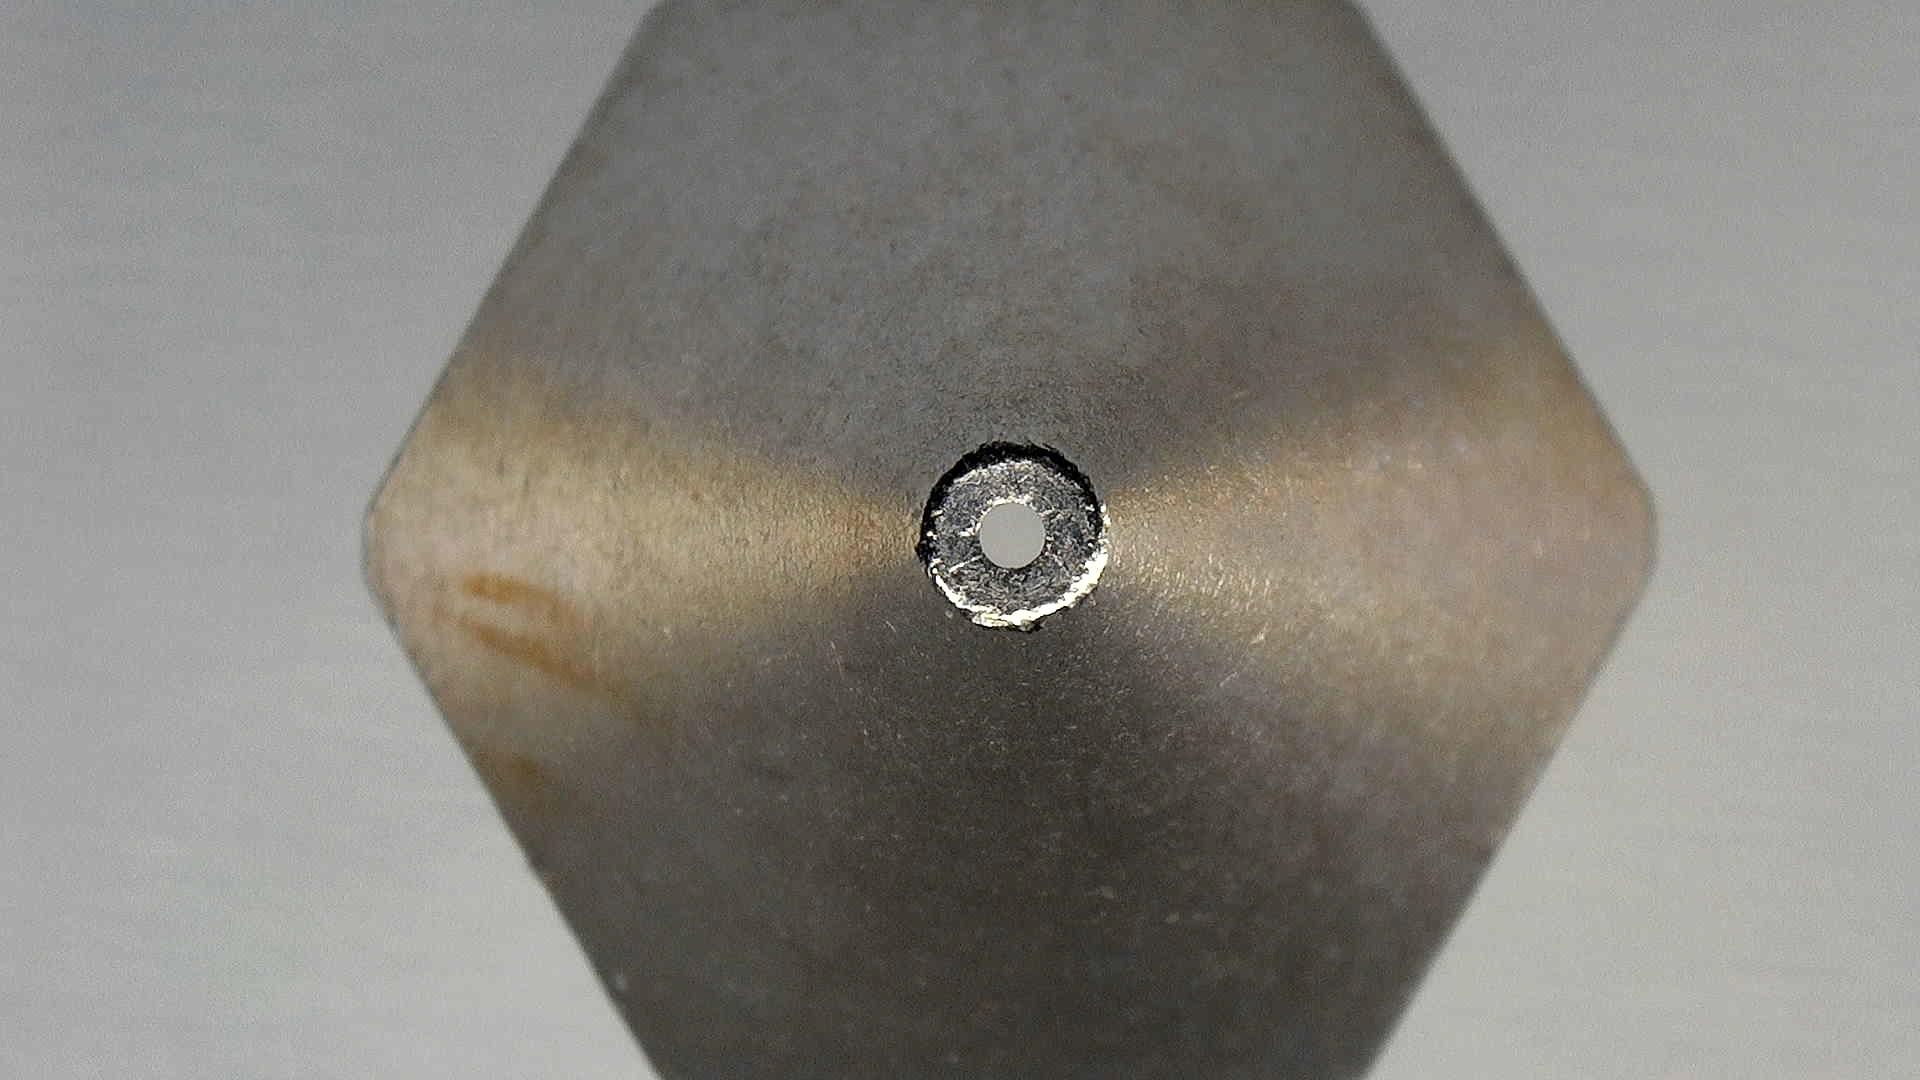 Trianglelab-T-Volcano-Plated-Copper-Nozzle-3-3D Printer Nozzle Comparison